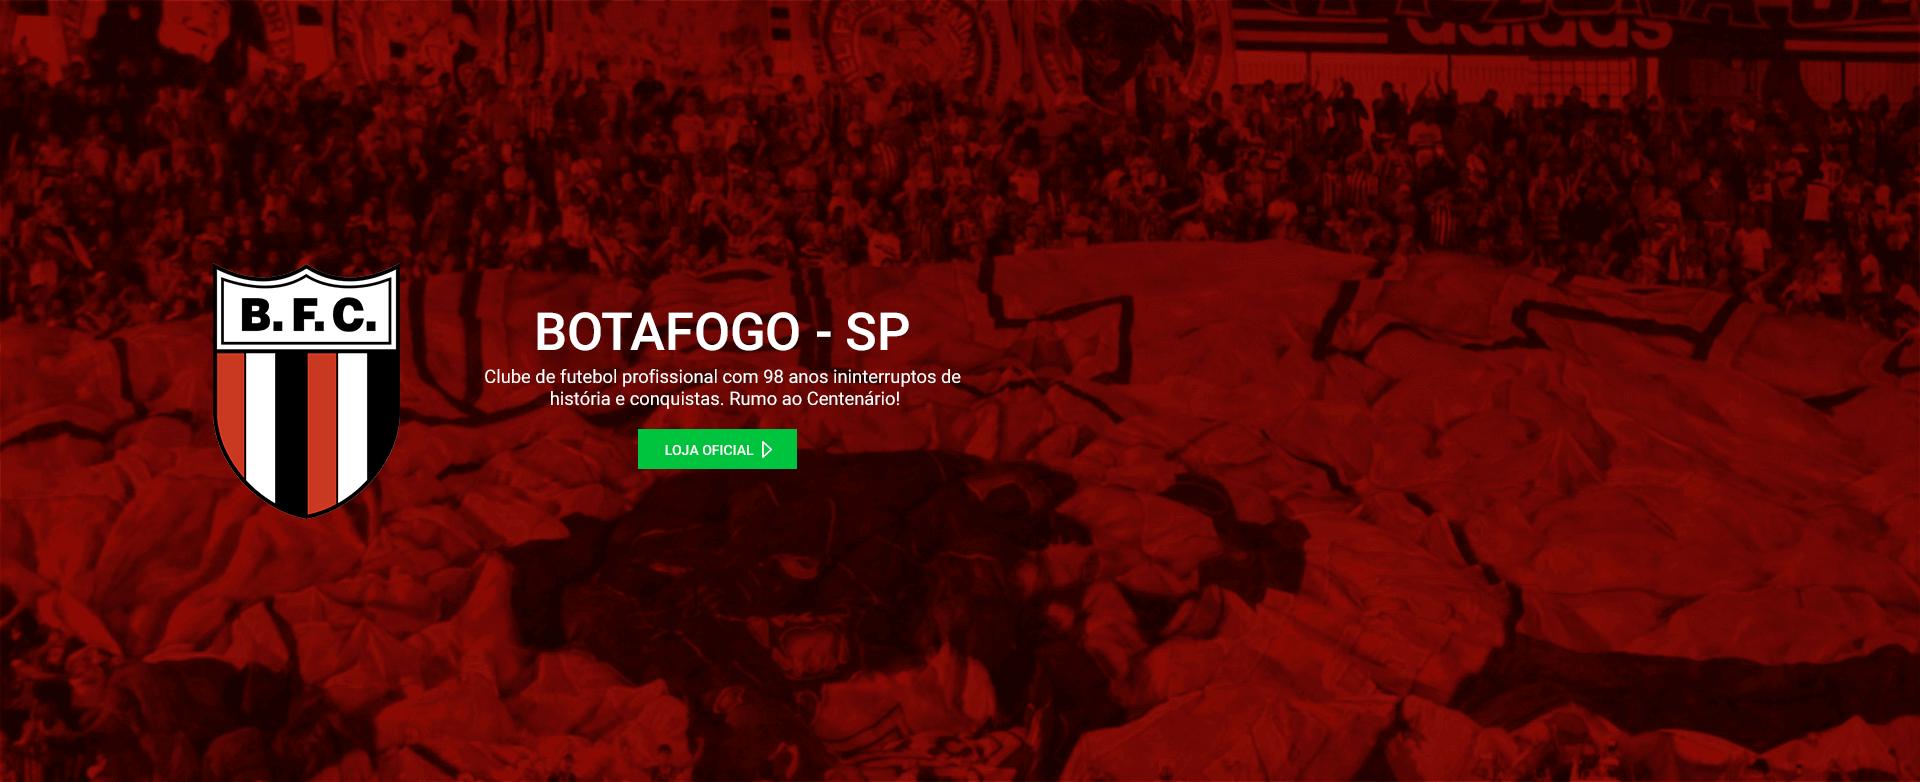 Botafogo - SP